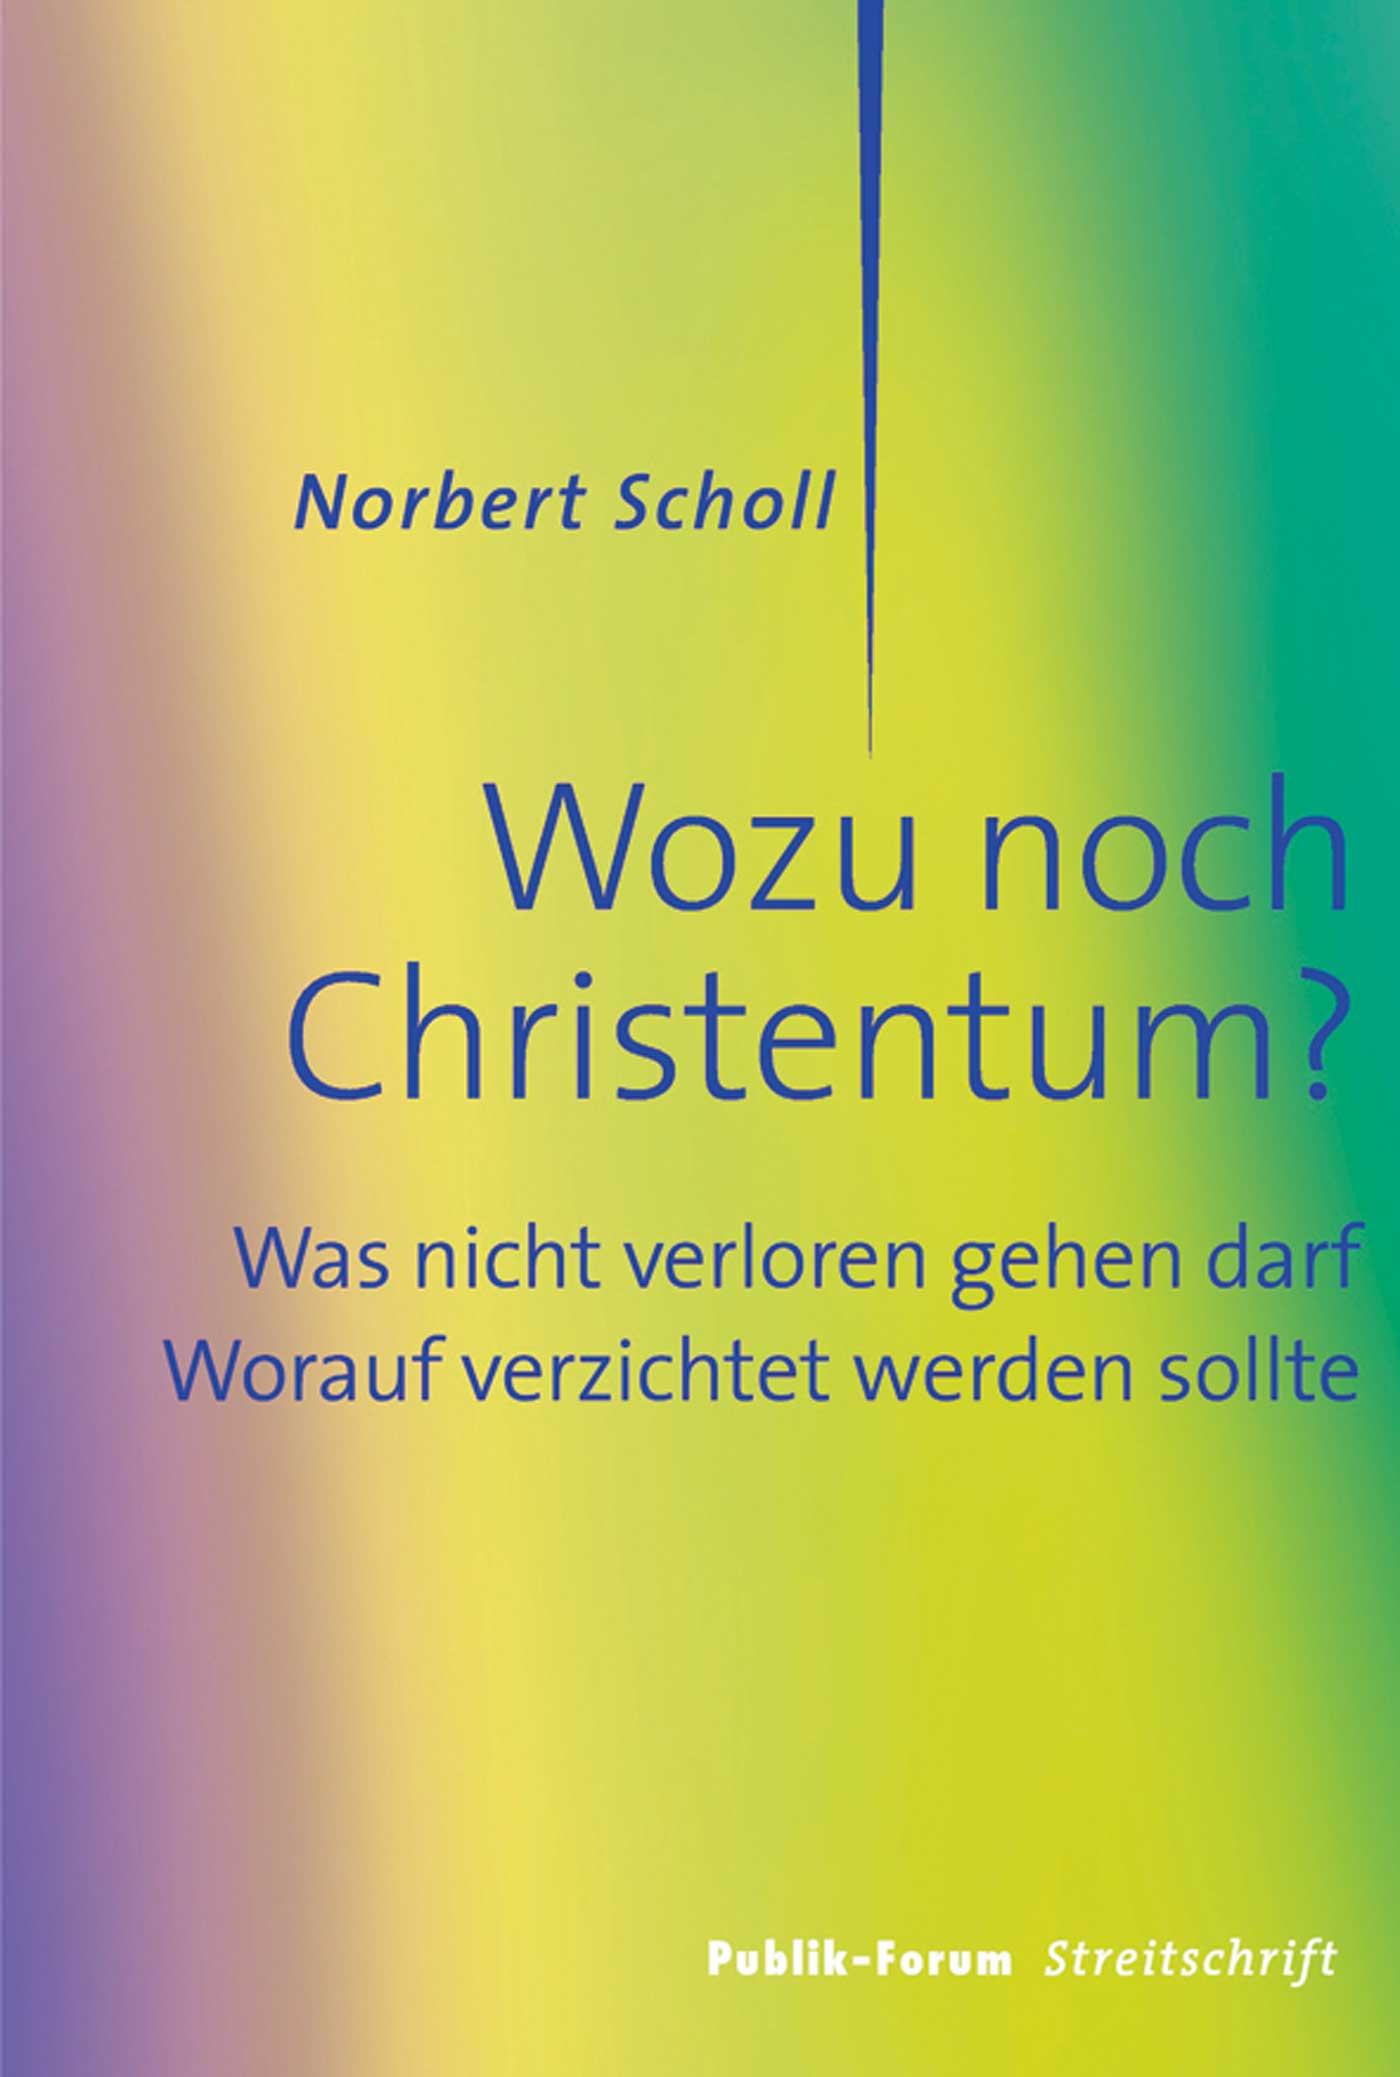 Norbert Scholl Wozu noch Christentum? armin wolf wozu brauchen wir noch journalisten